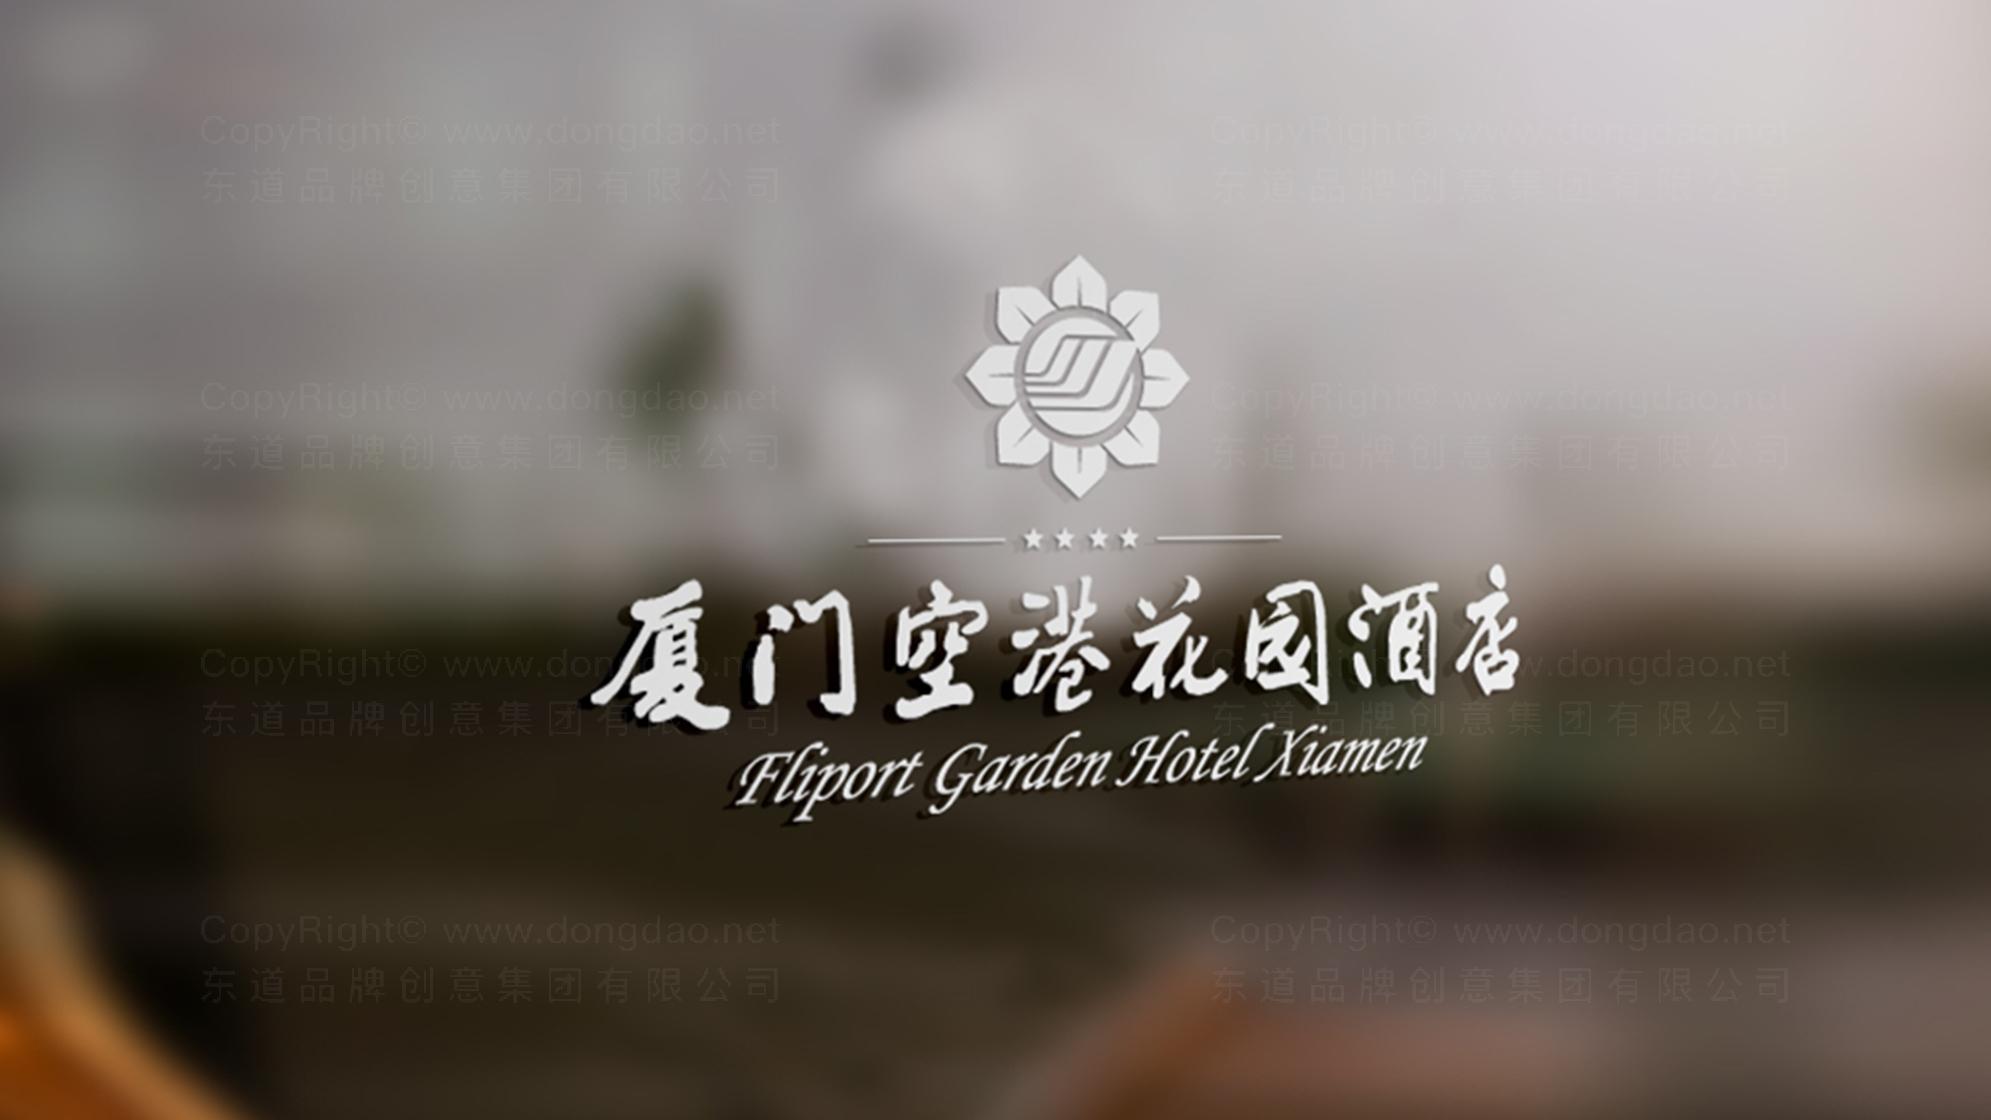 品牌设计翔业集团标志设计应用场景_23